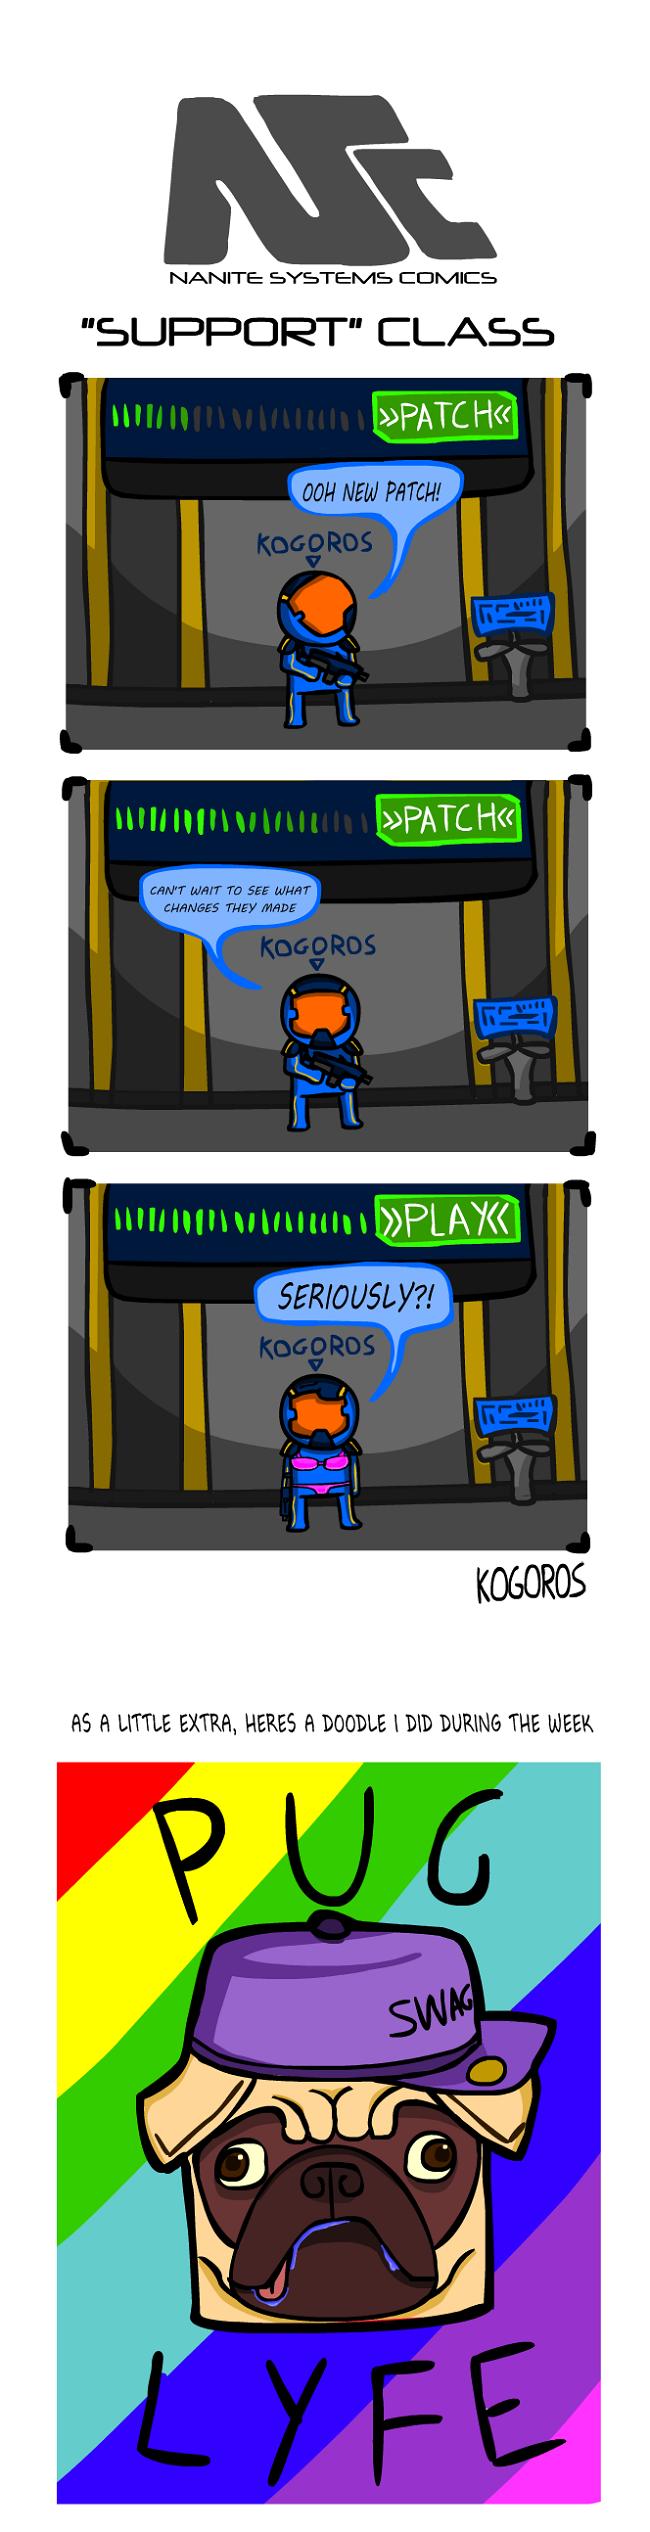 komiks 12 patch